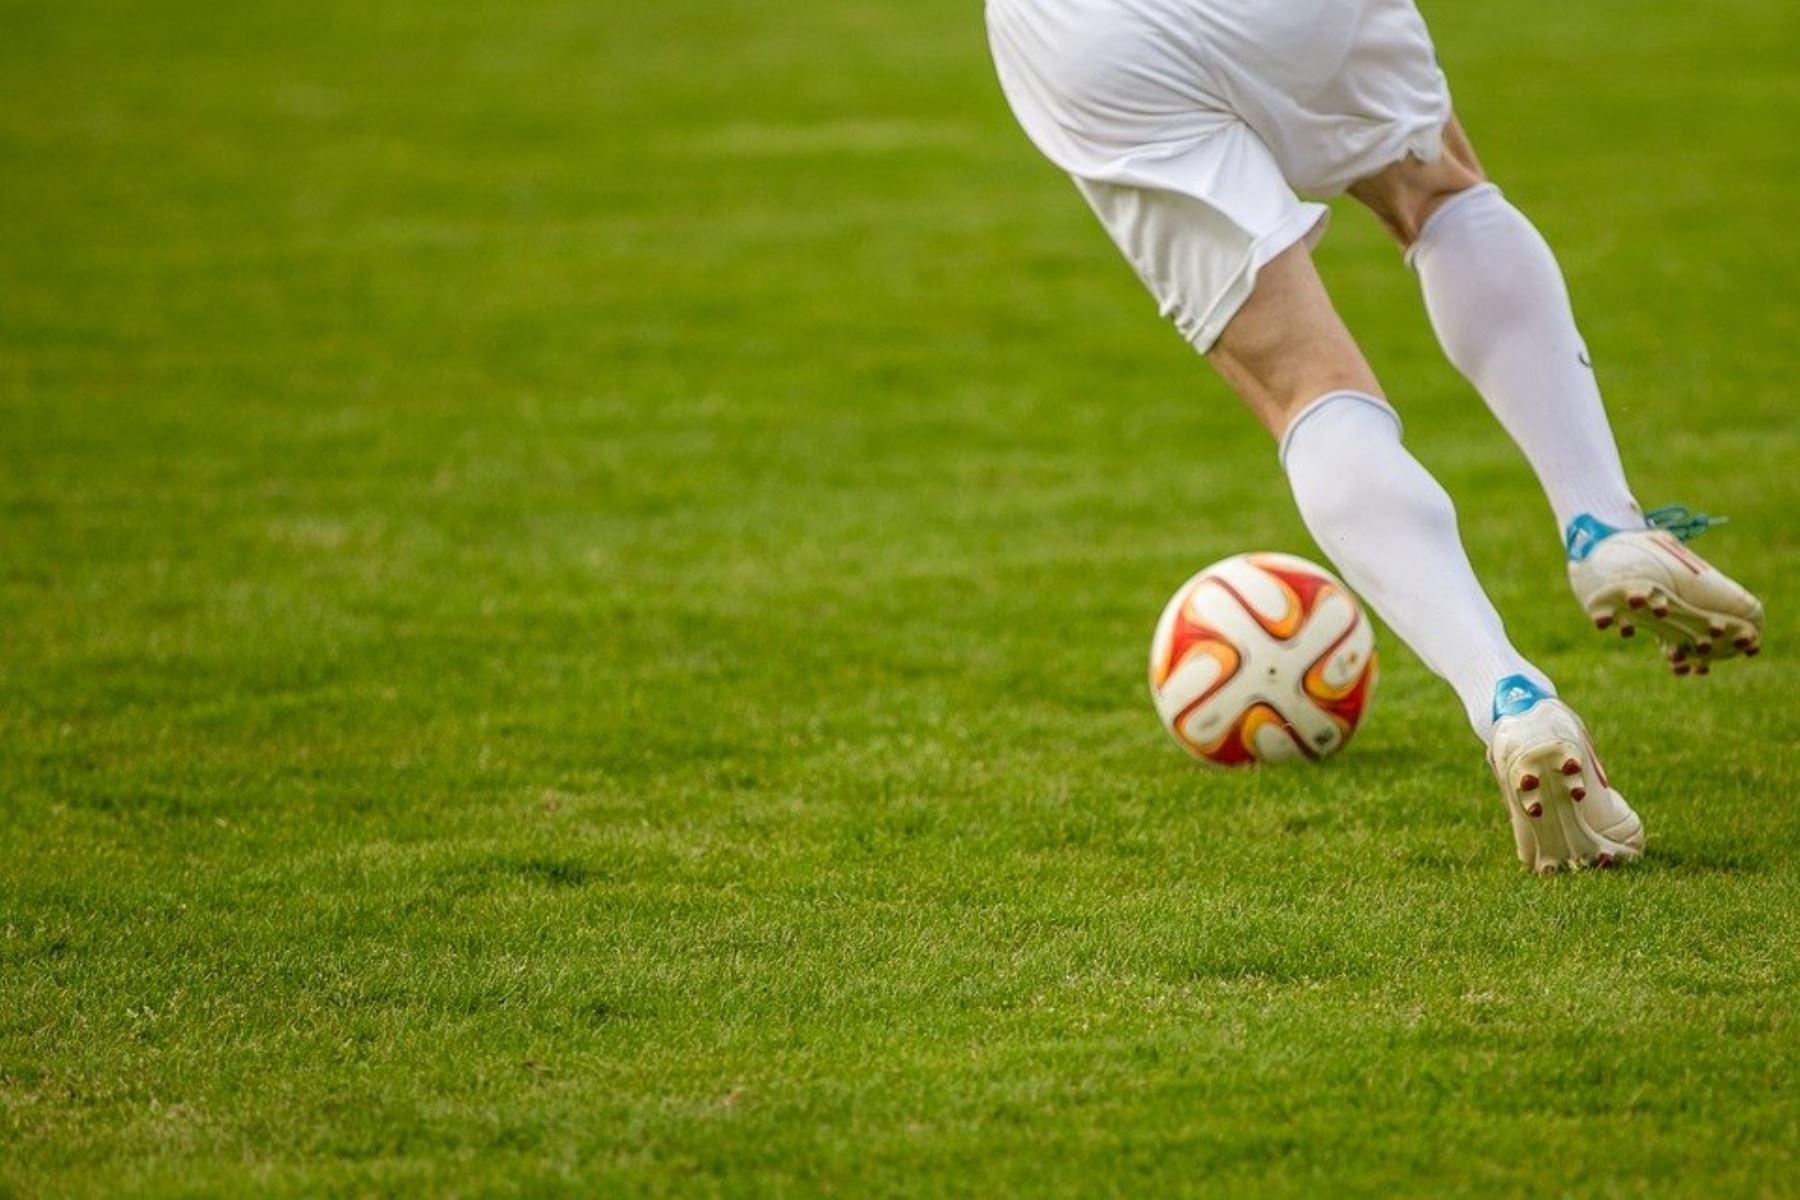 Fútbol: ¿La ingeniería puede ayudar a mejorar el rendimiento de jugadores?